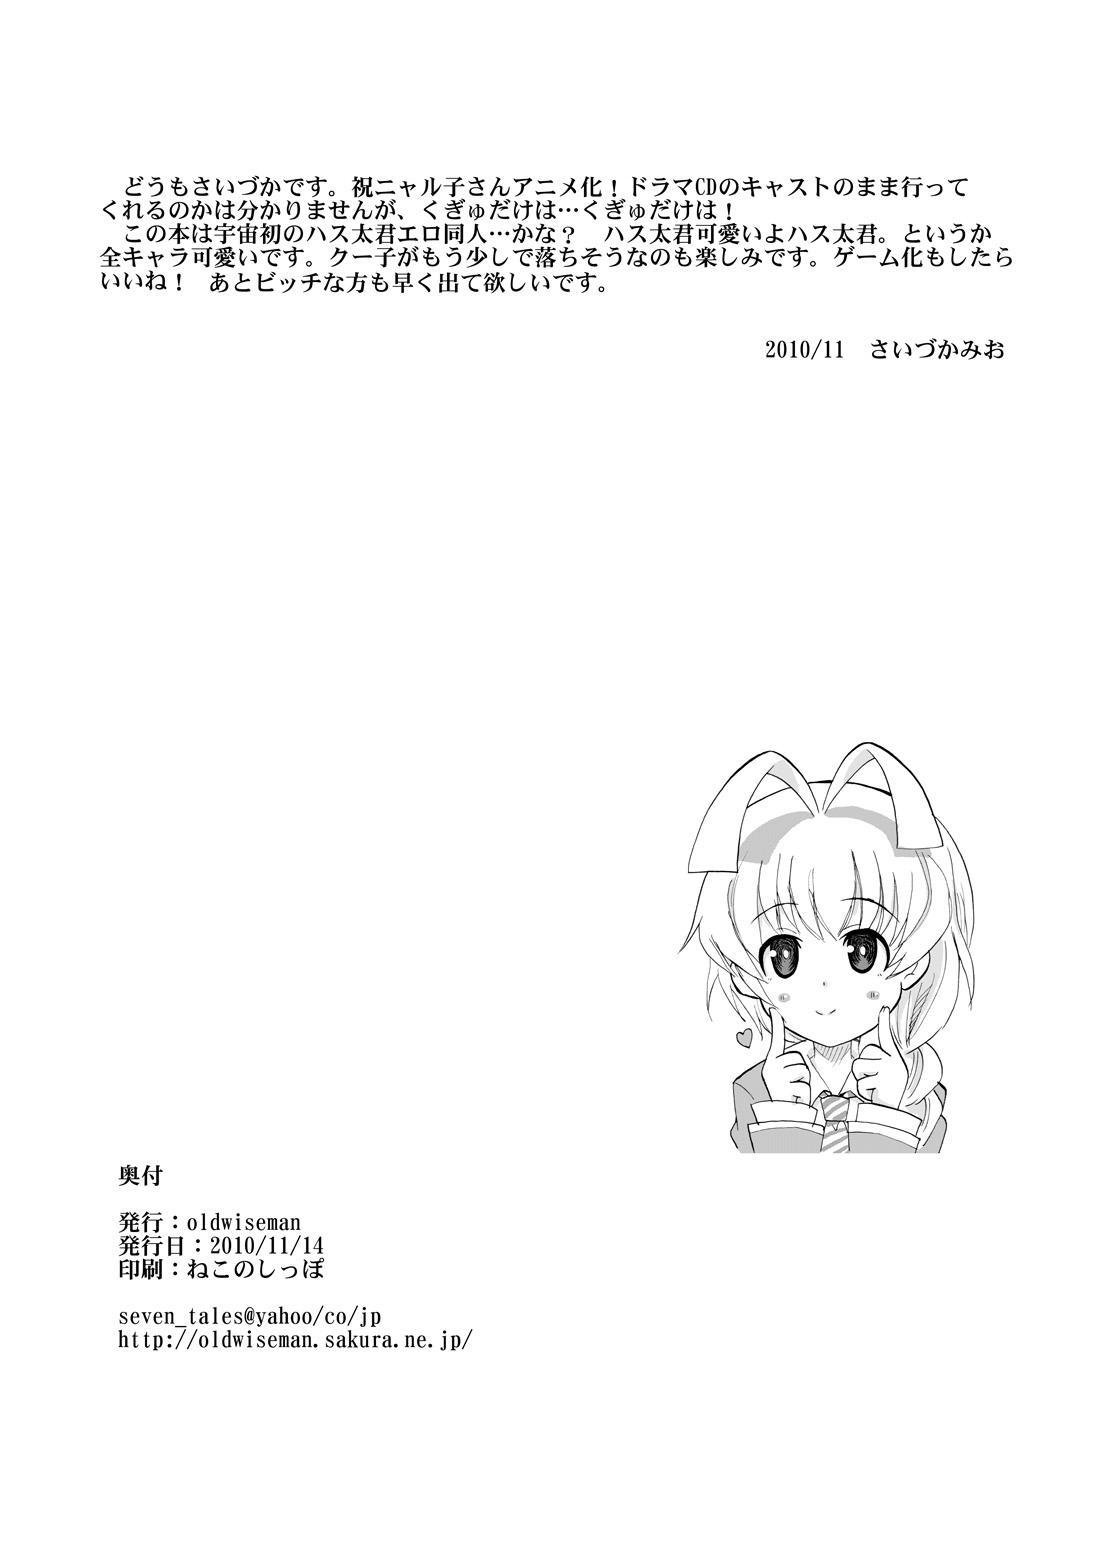 Mahiro-kun to Oshiri Sex shiteru Nyau 18